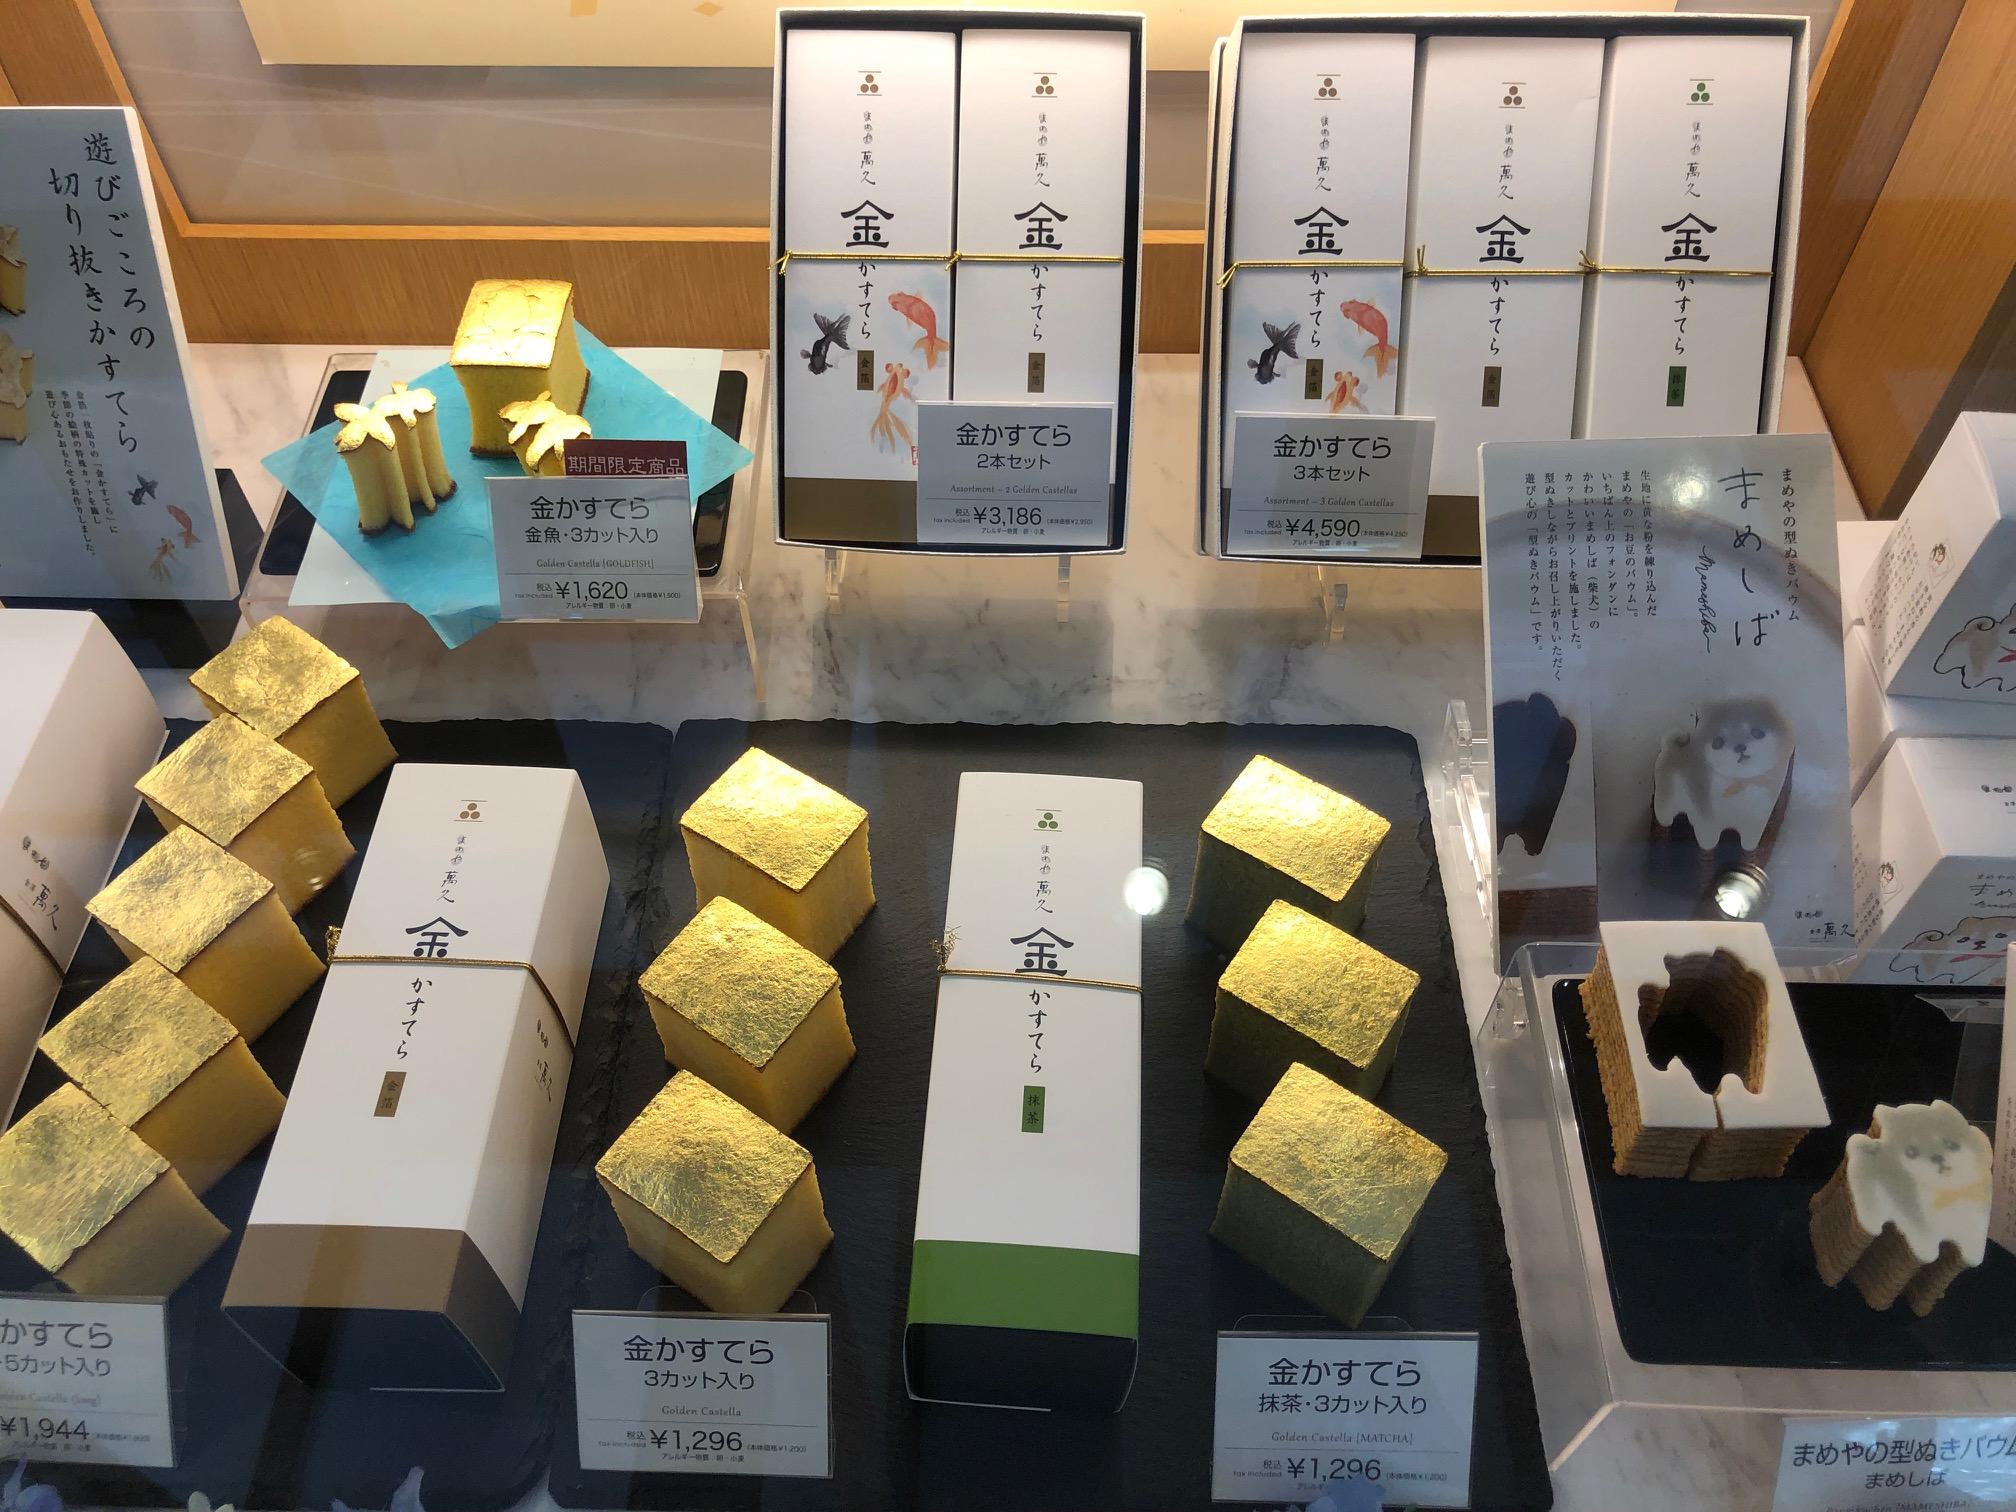 まめや金澤萬久(ばんきゅう) 、金沢の高級お菓子 ~岡田准一、宮崎あおいが結婚祝いの際、関係者に提供したお菓子、金箔カステラ、ししみ、ぶどうの木の中にあるオシャレな本店~